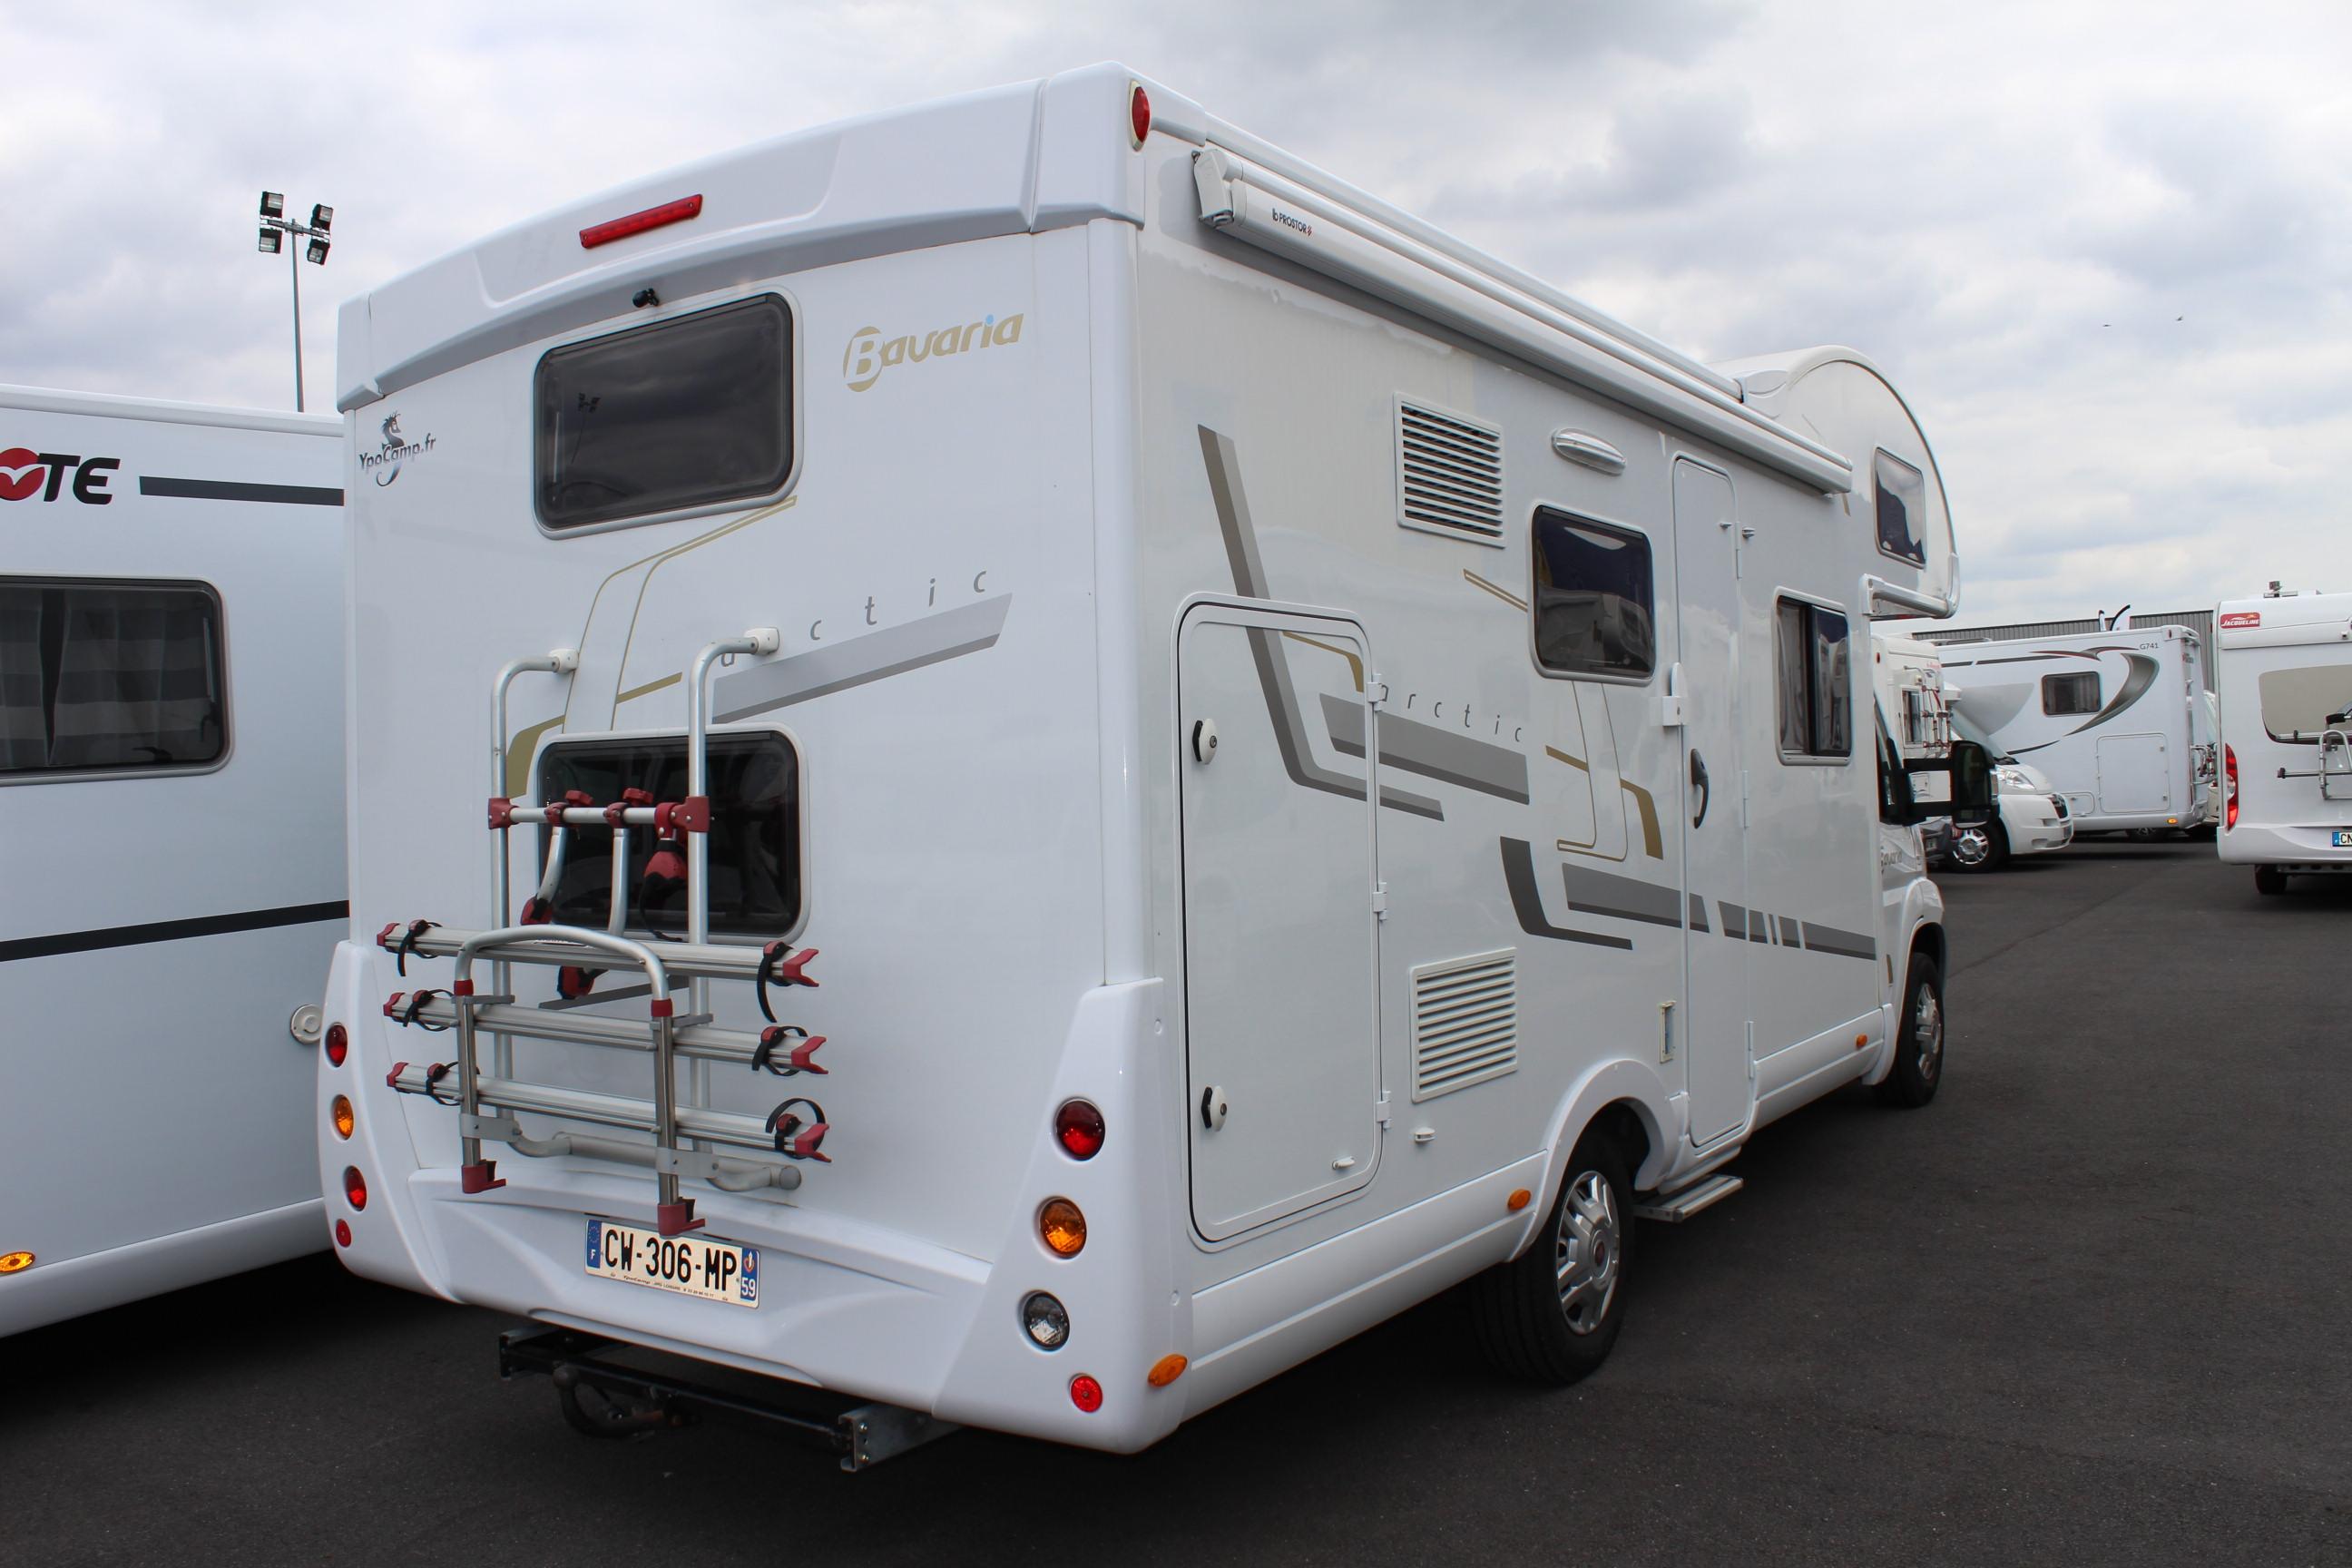 bavaria artic a 71 occasion de 2013 fiat camping car en vente seclin nord 59. Black Bedroom Furniture Sets. Home Design Ideas